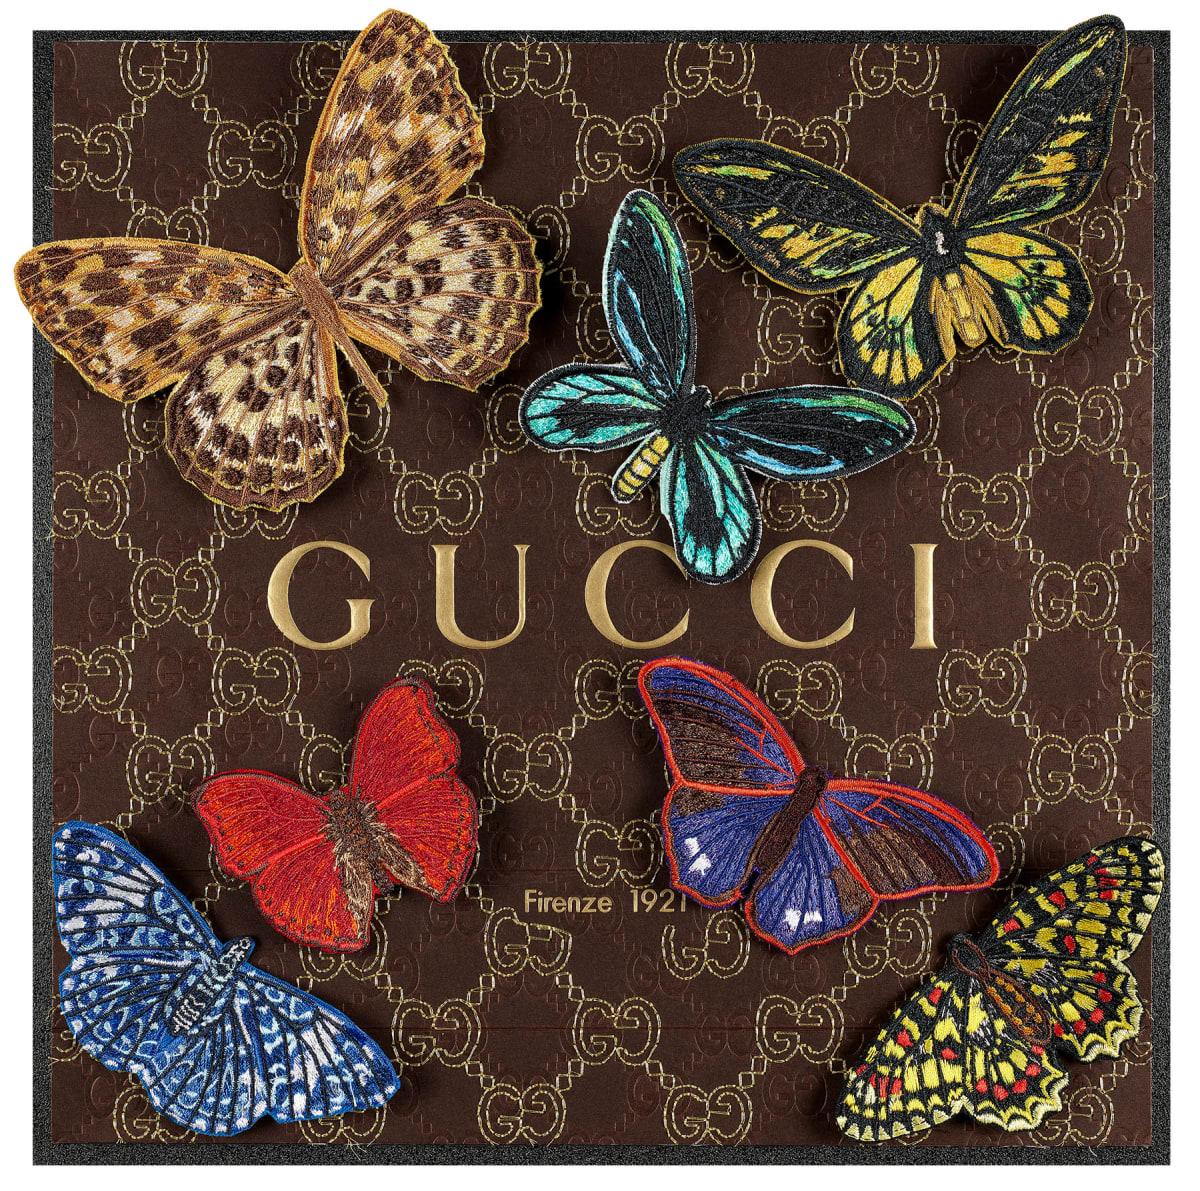 Stephen Wilson, Gucci Gathering III, 2020